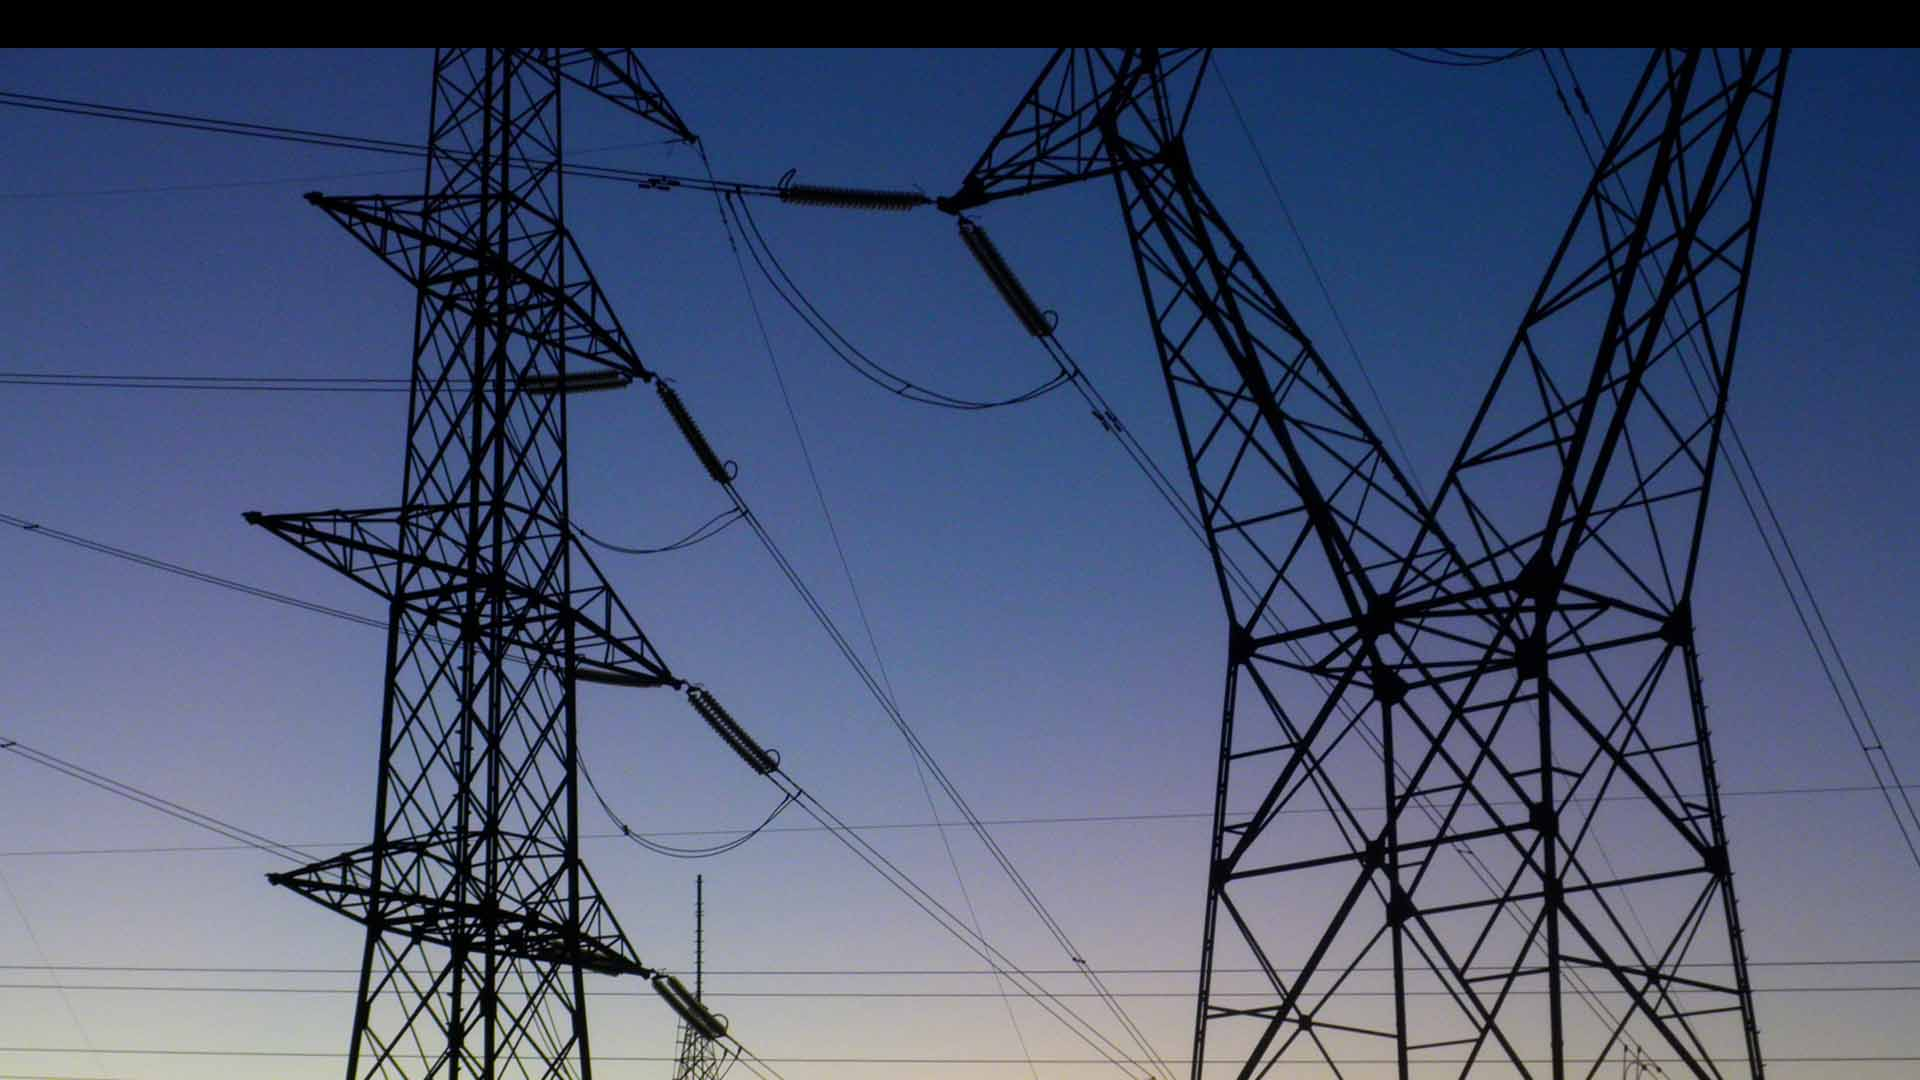 Un incendio en una de las torres de la empresa eléctrica Tepco habría sido el desencadenante de la falla